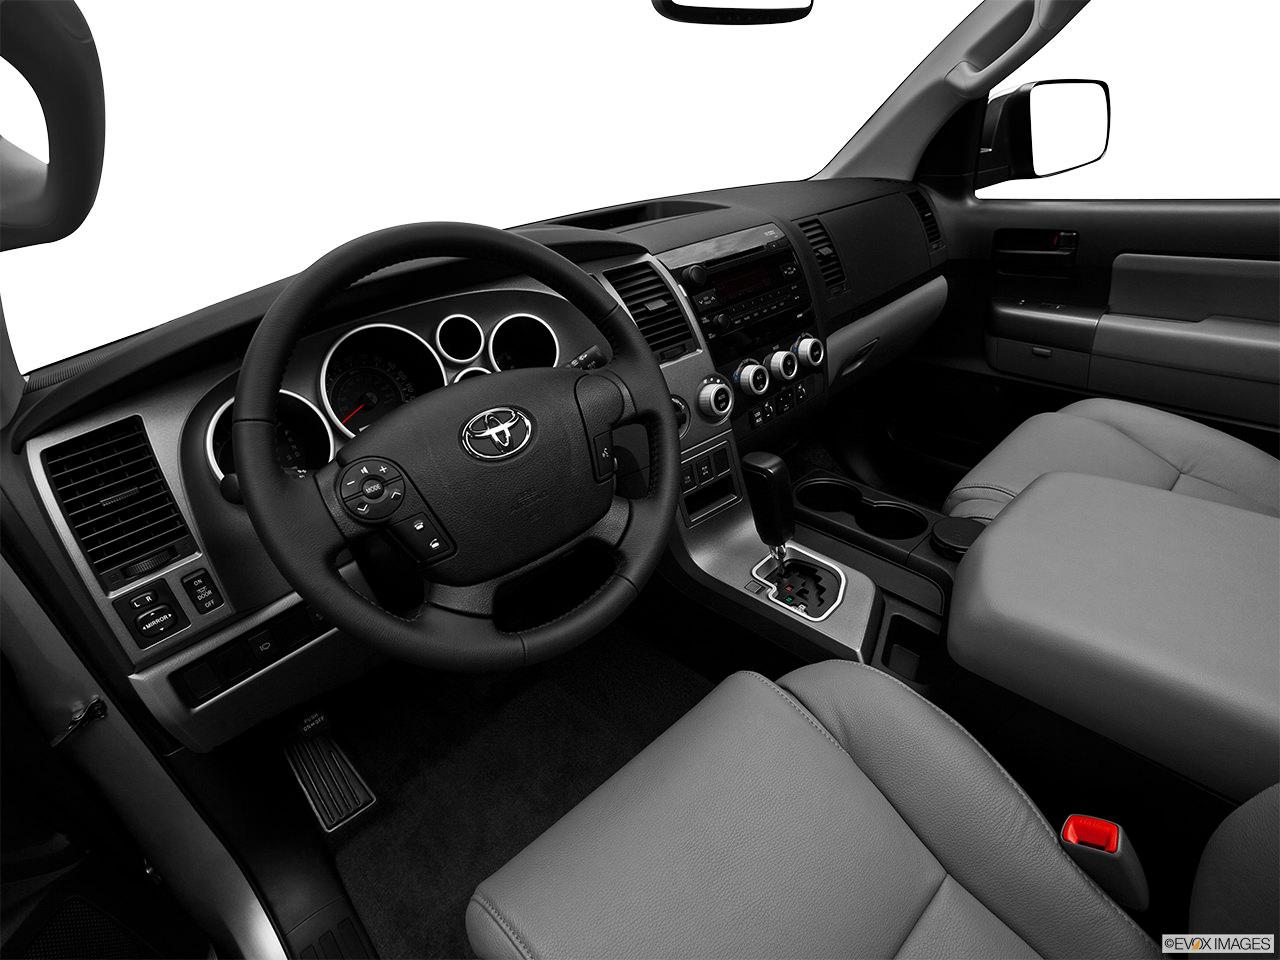 Toyota Sequoia 2012 Interior